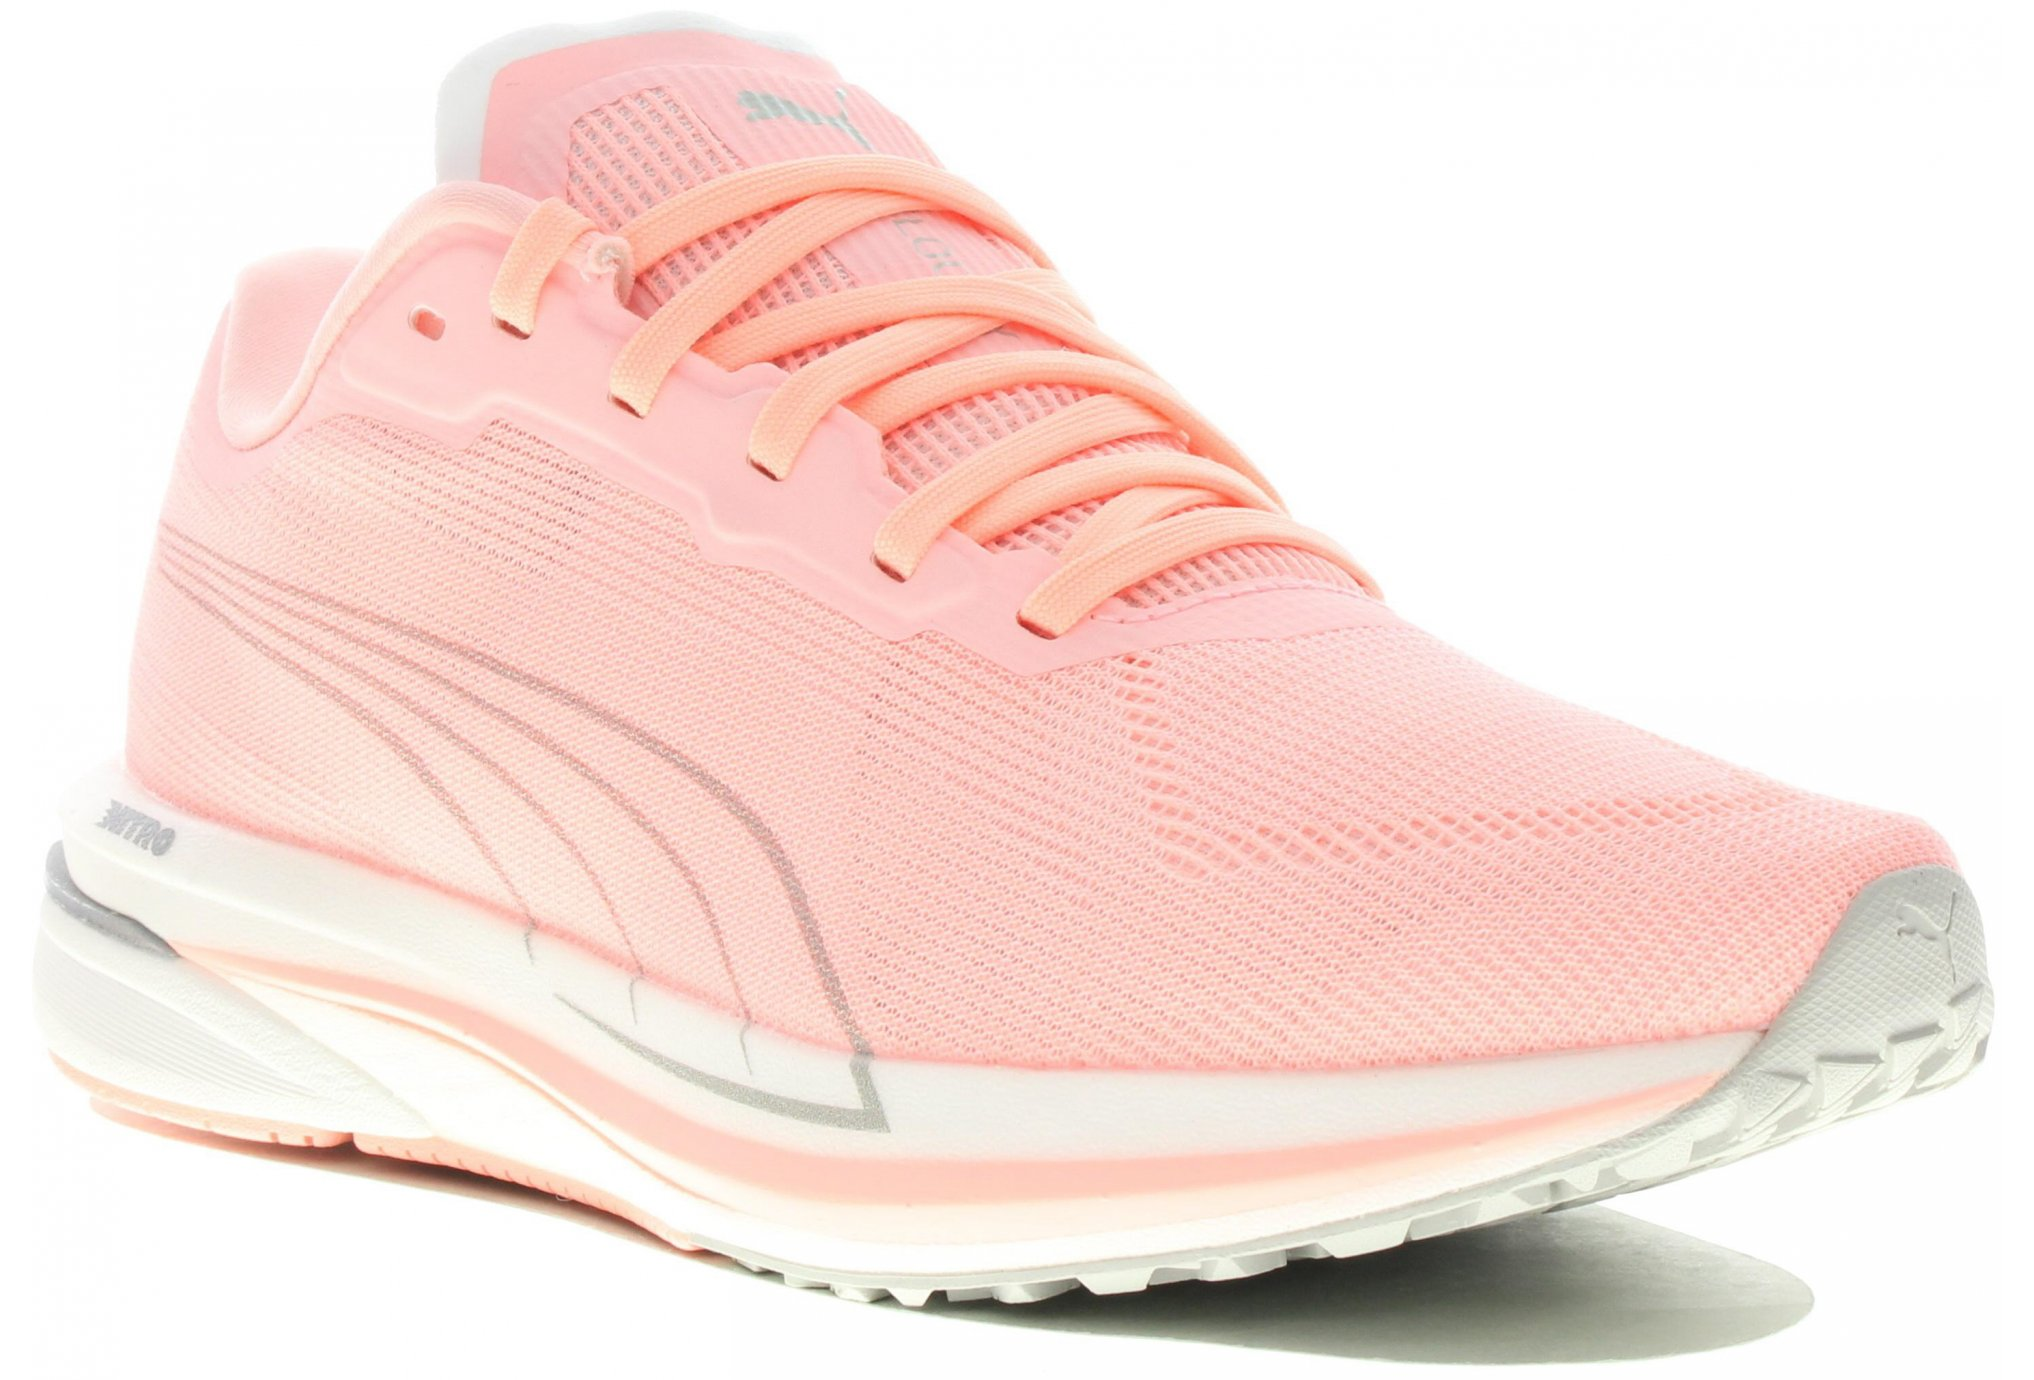 Puma Velocity Nitro W Chaussures running femme